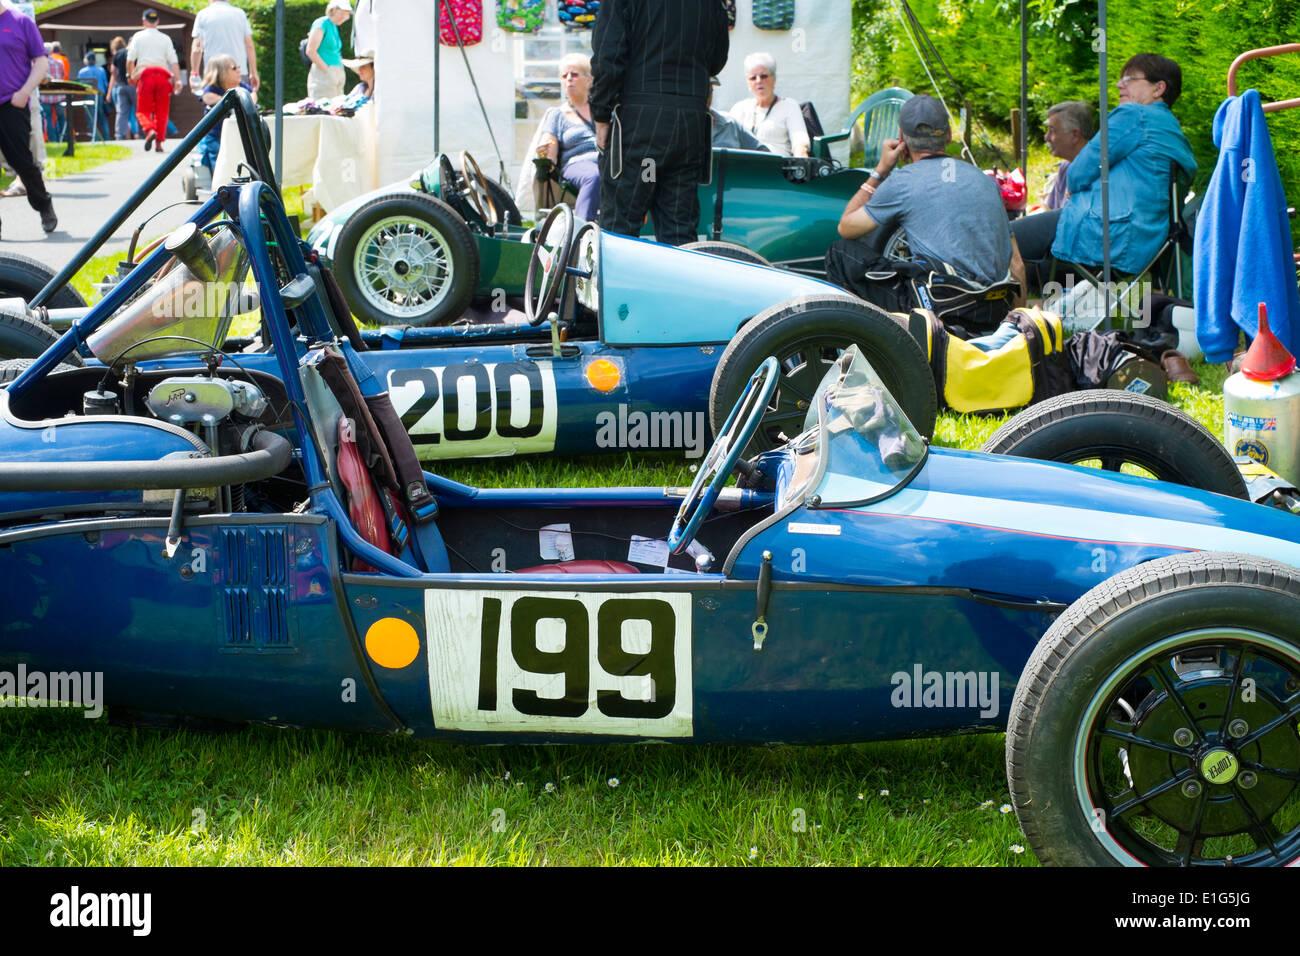 Old racing cars in paadock at Shelsley Walsh motor racing hill climb ...